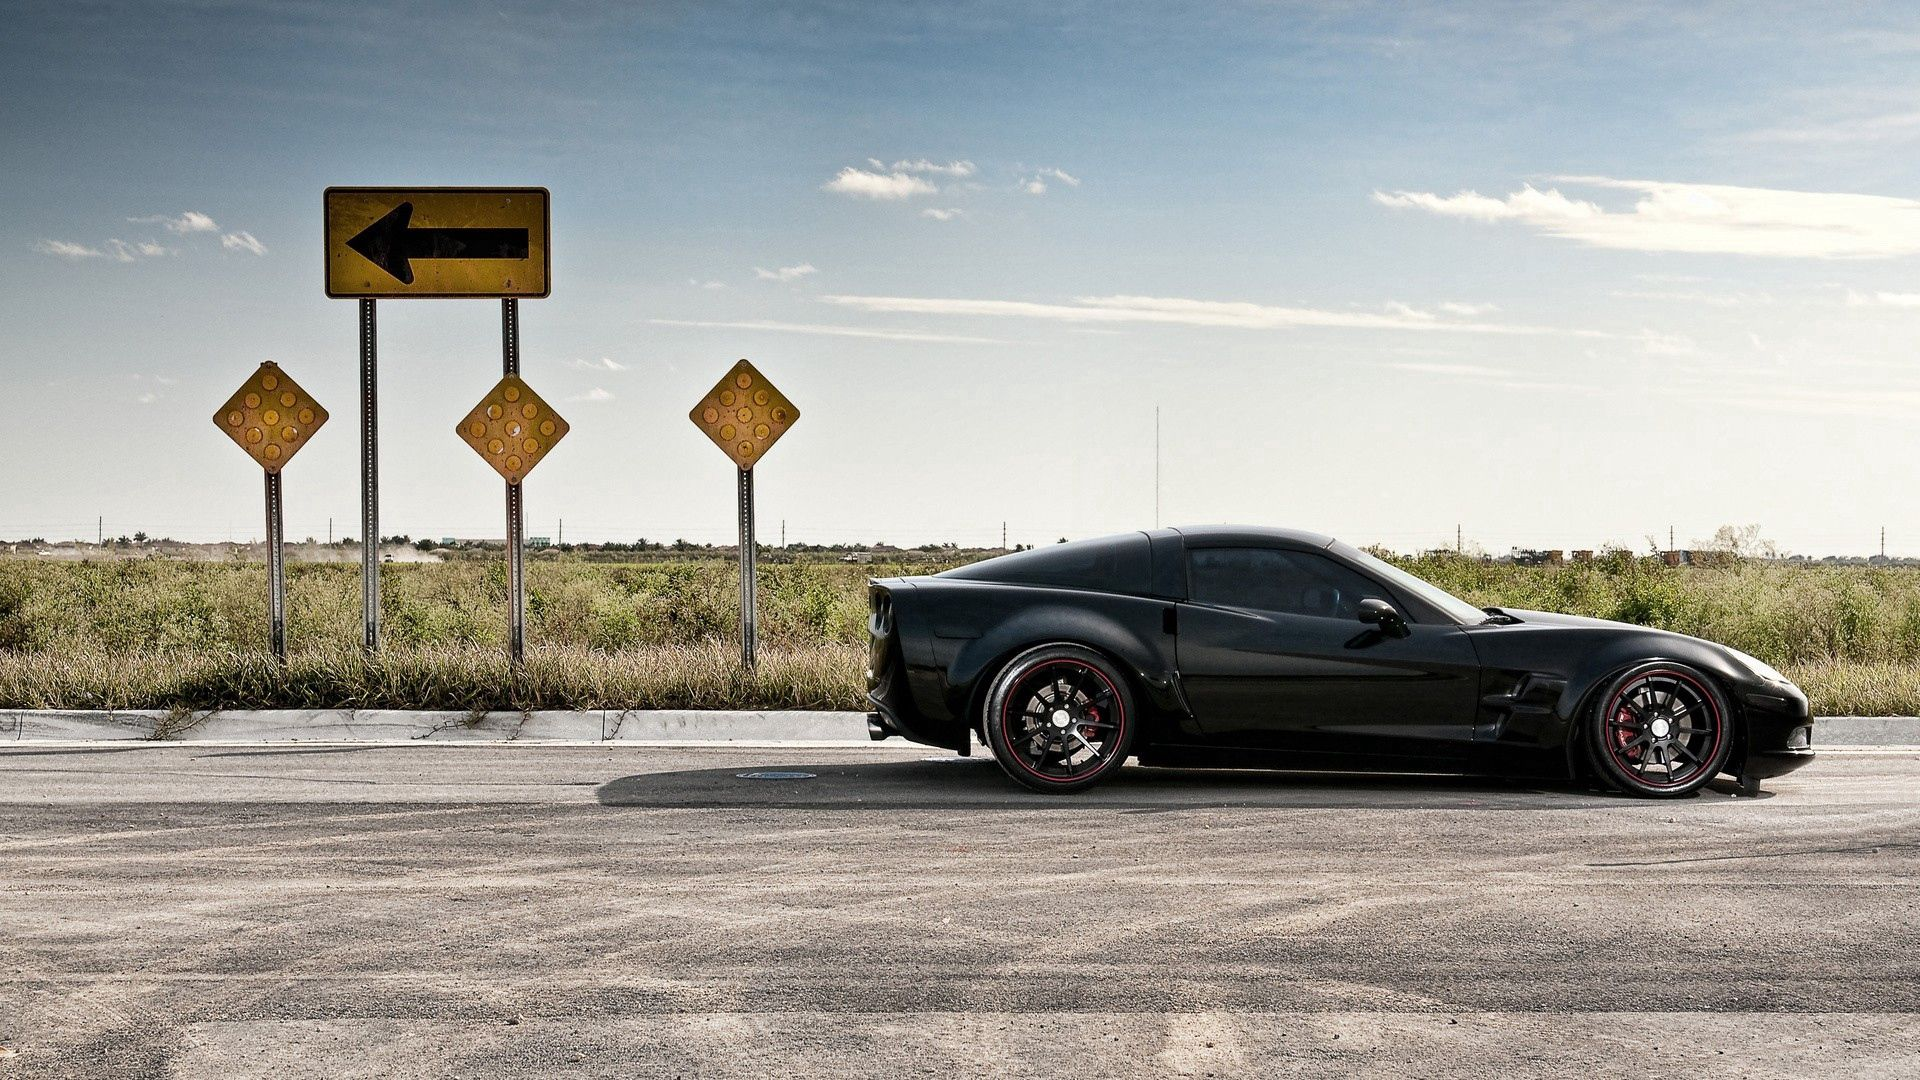 145900 скачать обои Машины, Тачки (Cars), Дорога, Движение, Черный, Corvette - заставки и картинки бесплатно